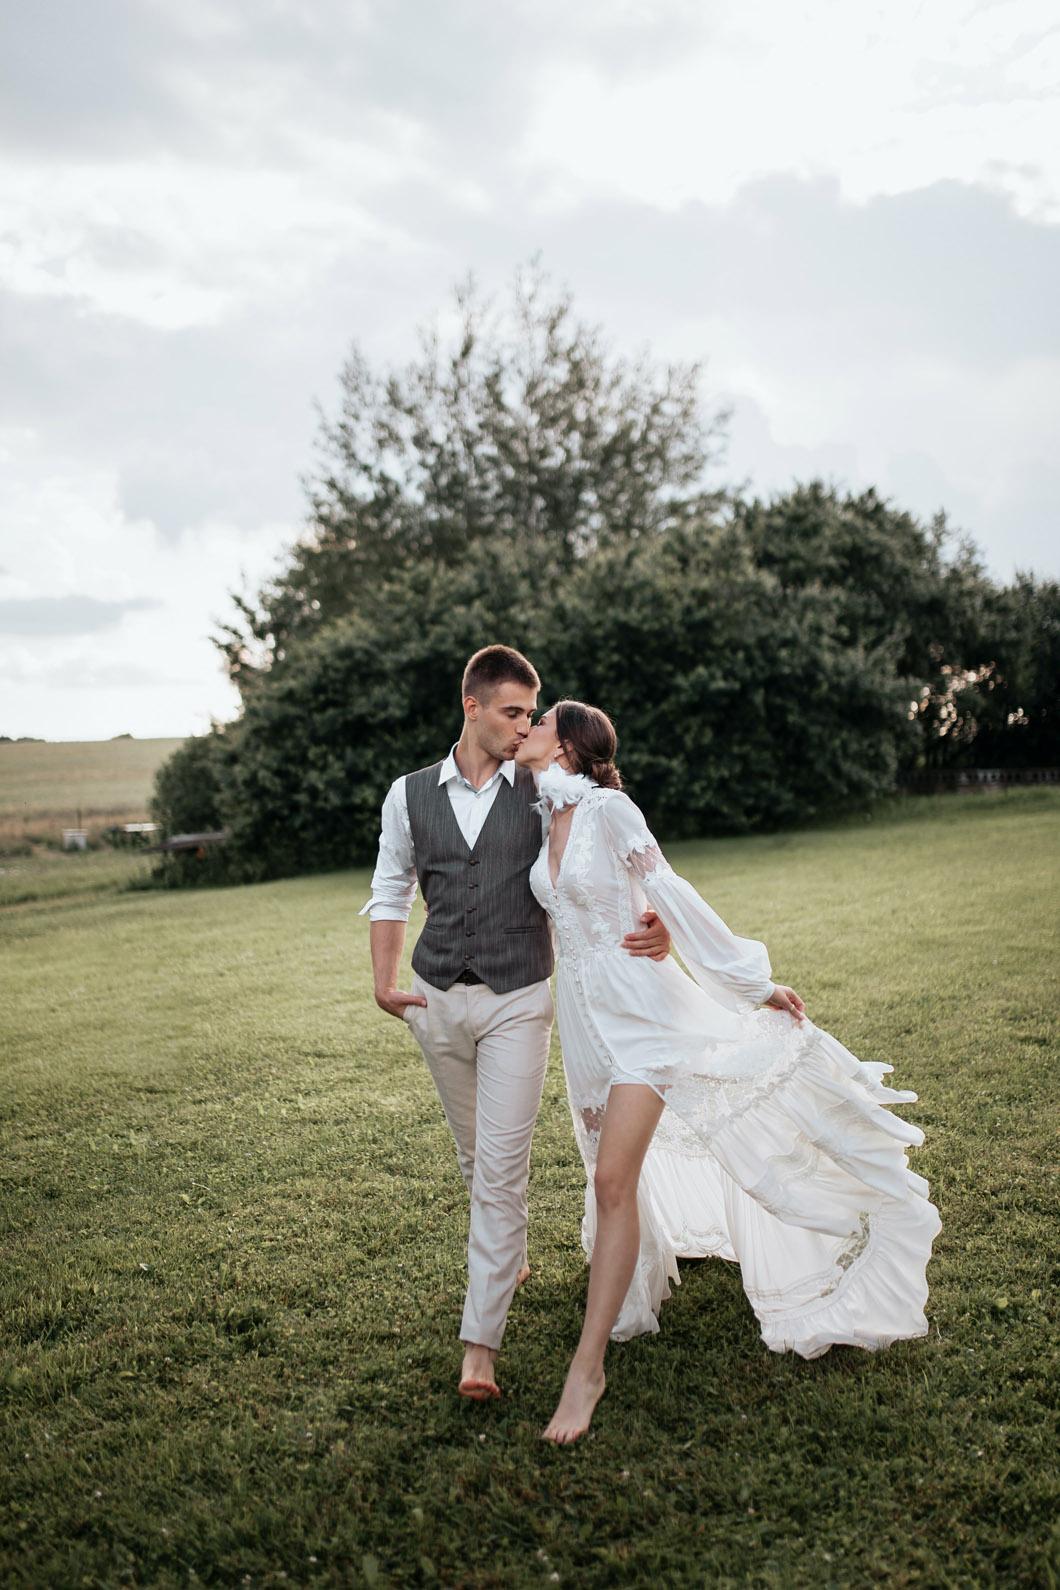 Bröllop fotografering Sundby Gård